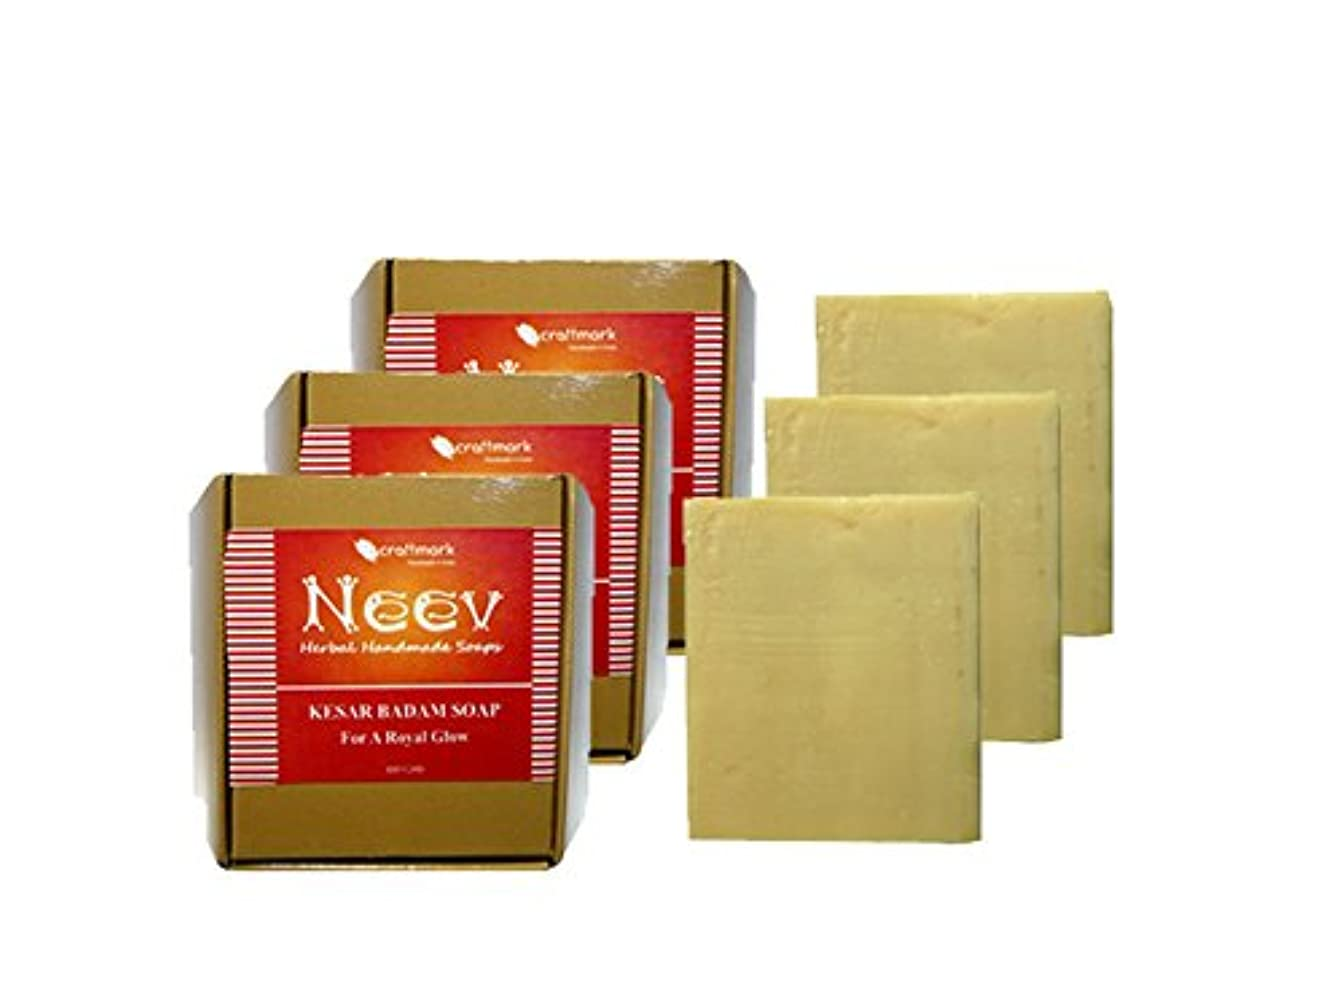 無効にするこんにちは無知手作り ニーブ カサル バダム ソープ NEEV Herbal Kesar Badam SOAP For A Royal Glow 3個セット